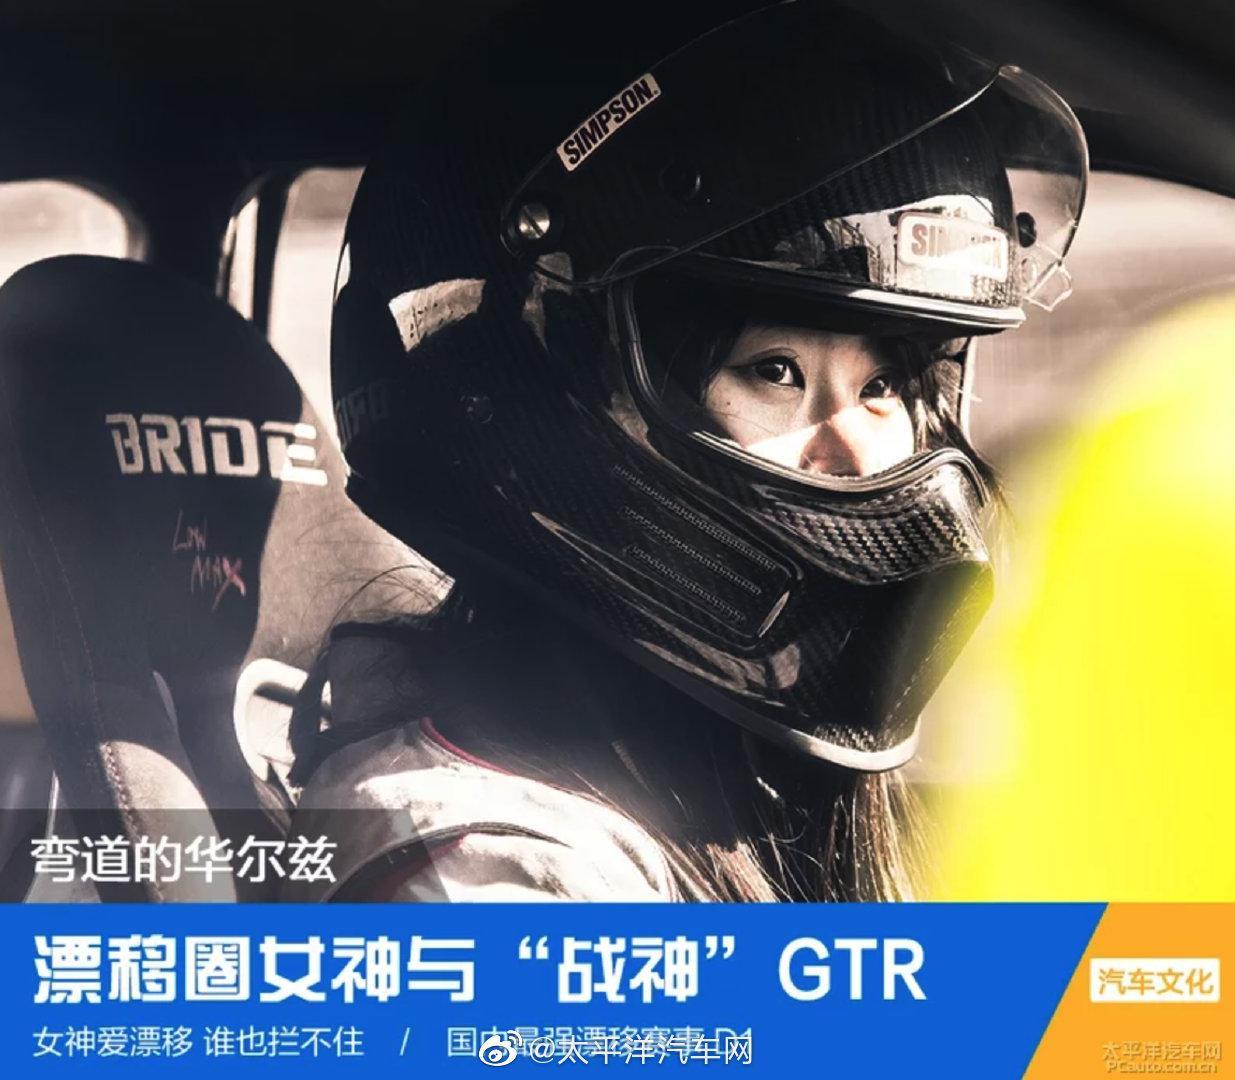 随着赛车运动在国内的兴起,也有一些女性车手在参与其中……